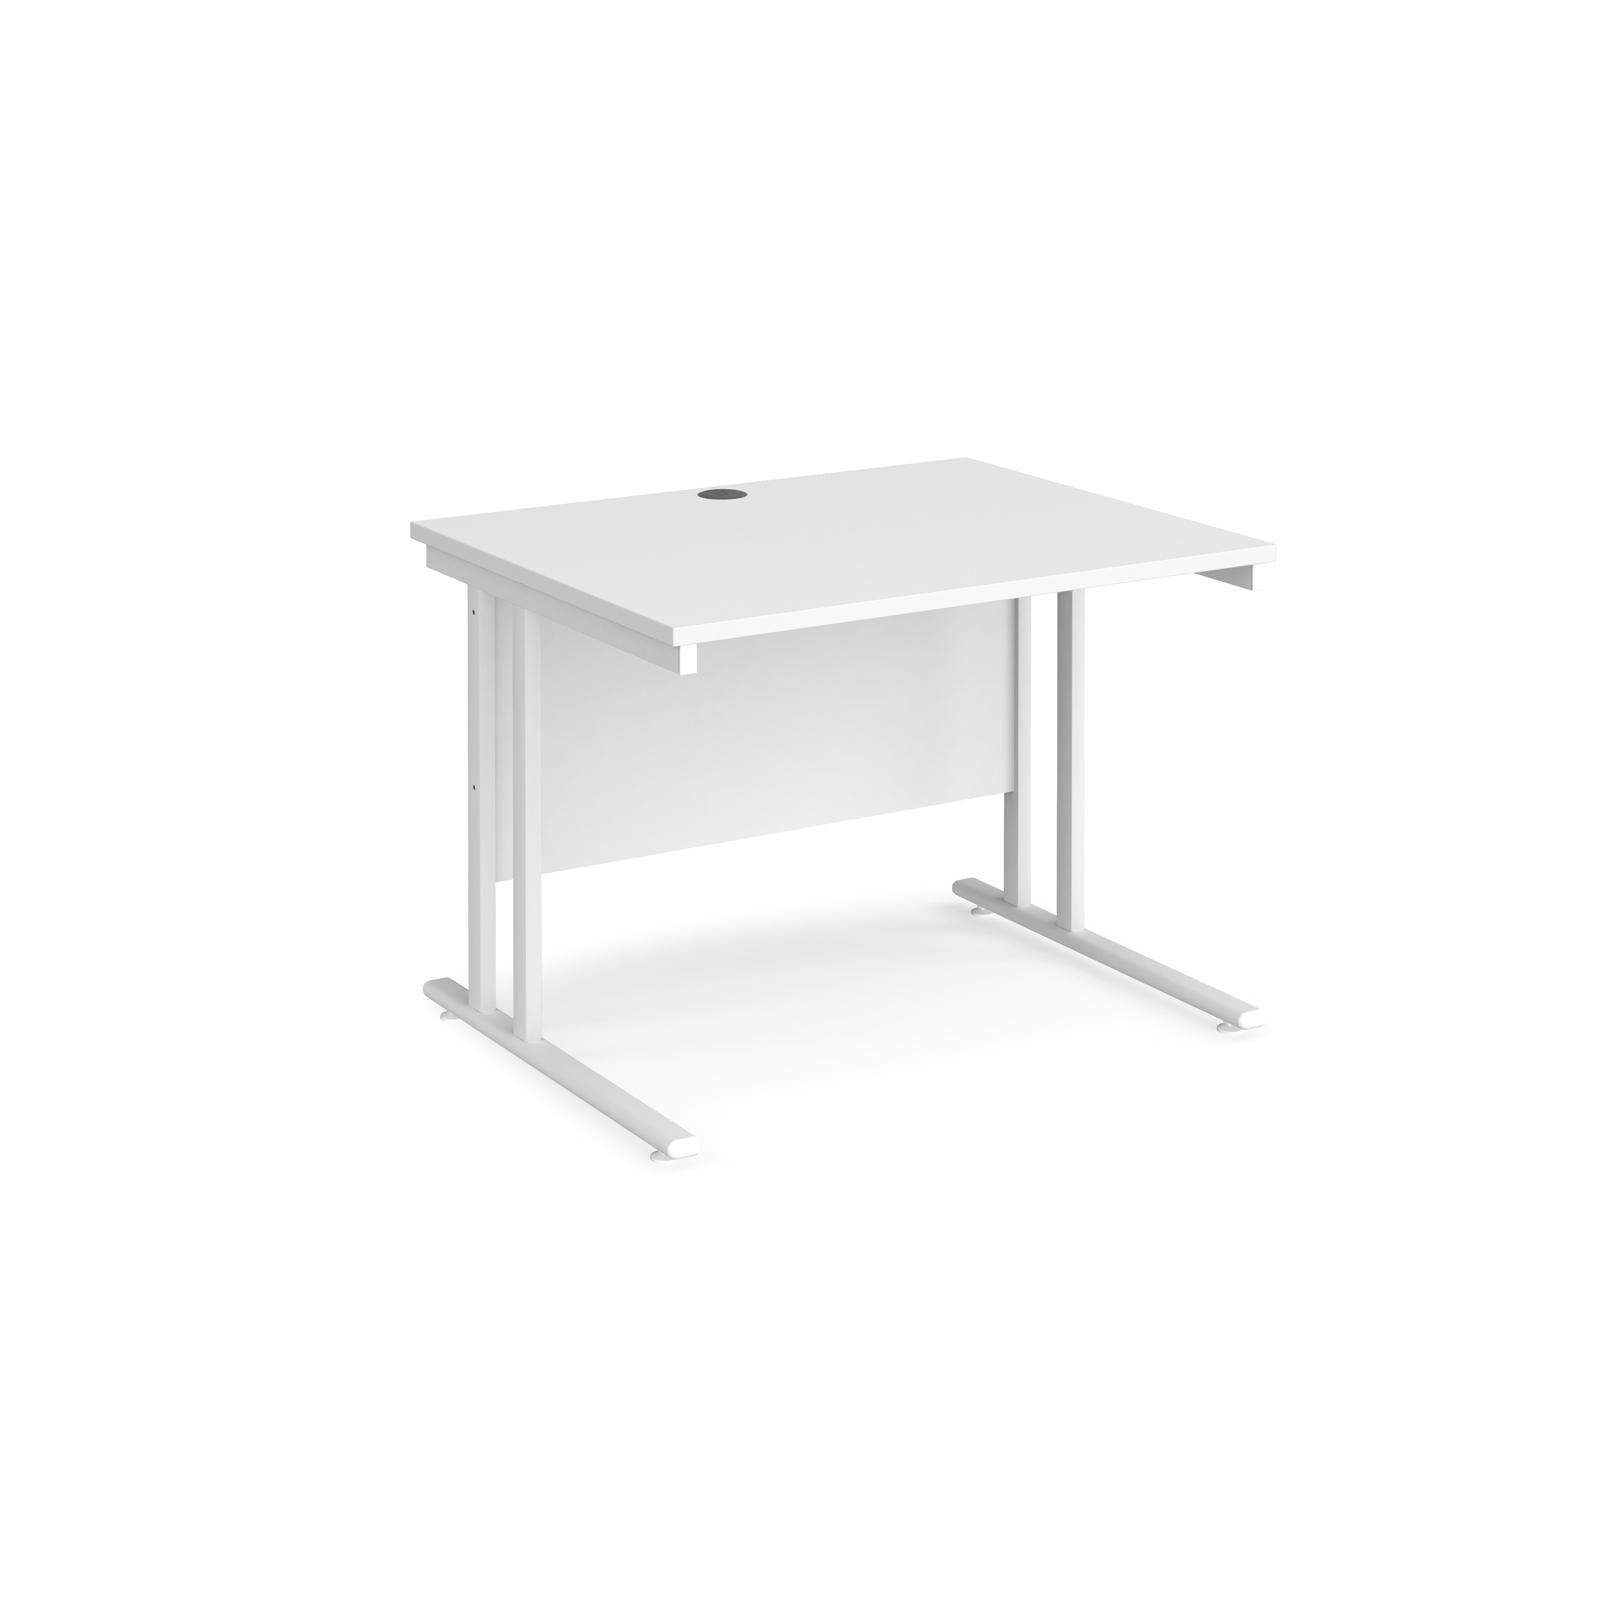 Rectangular Desks Maestro 25 straight desk 1000mm x 800mm - white cantilever leg frame, white top